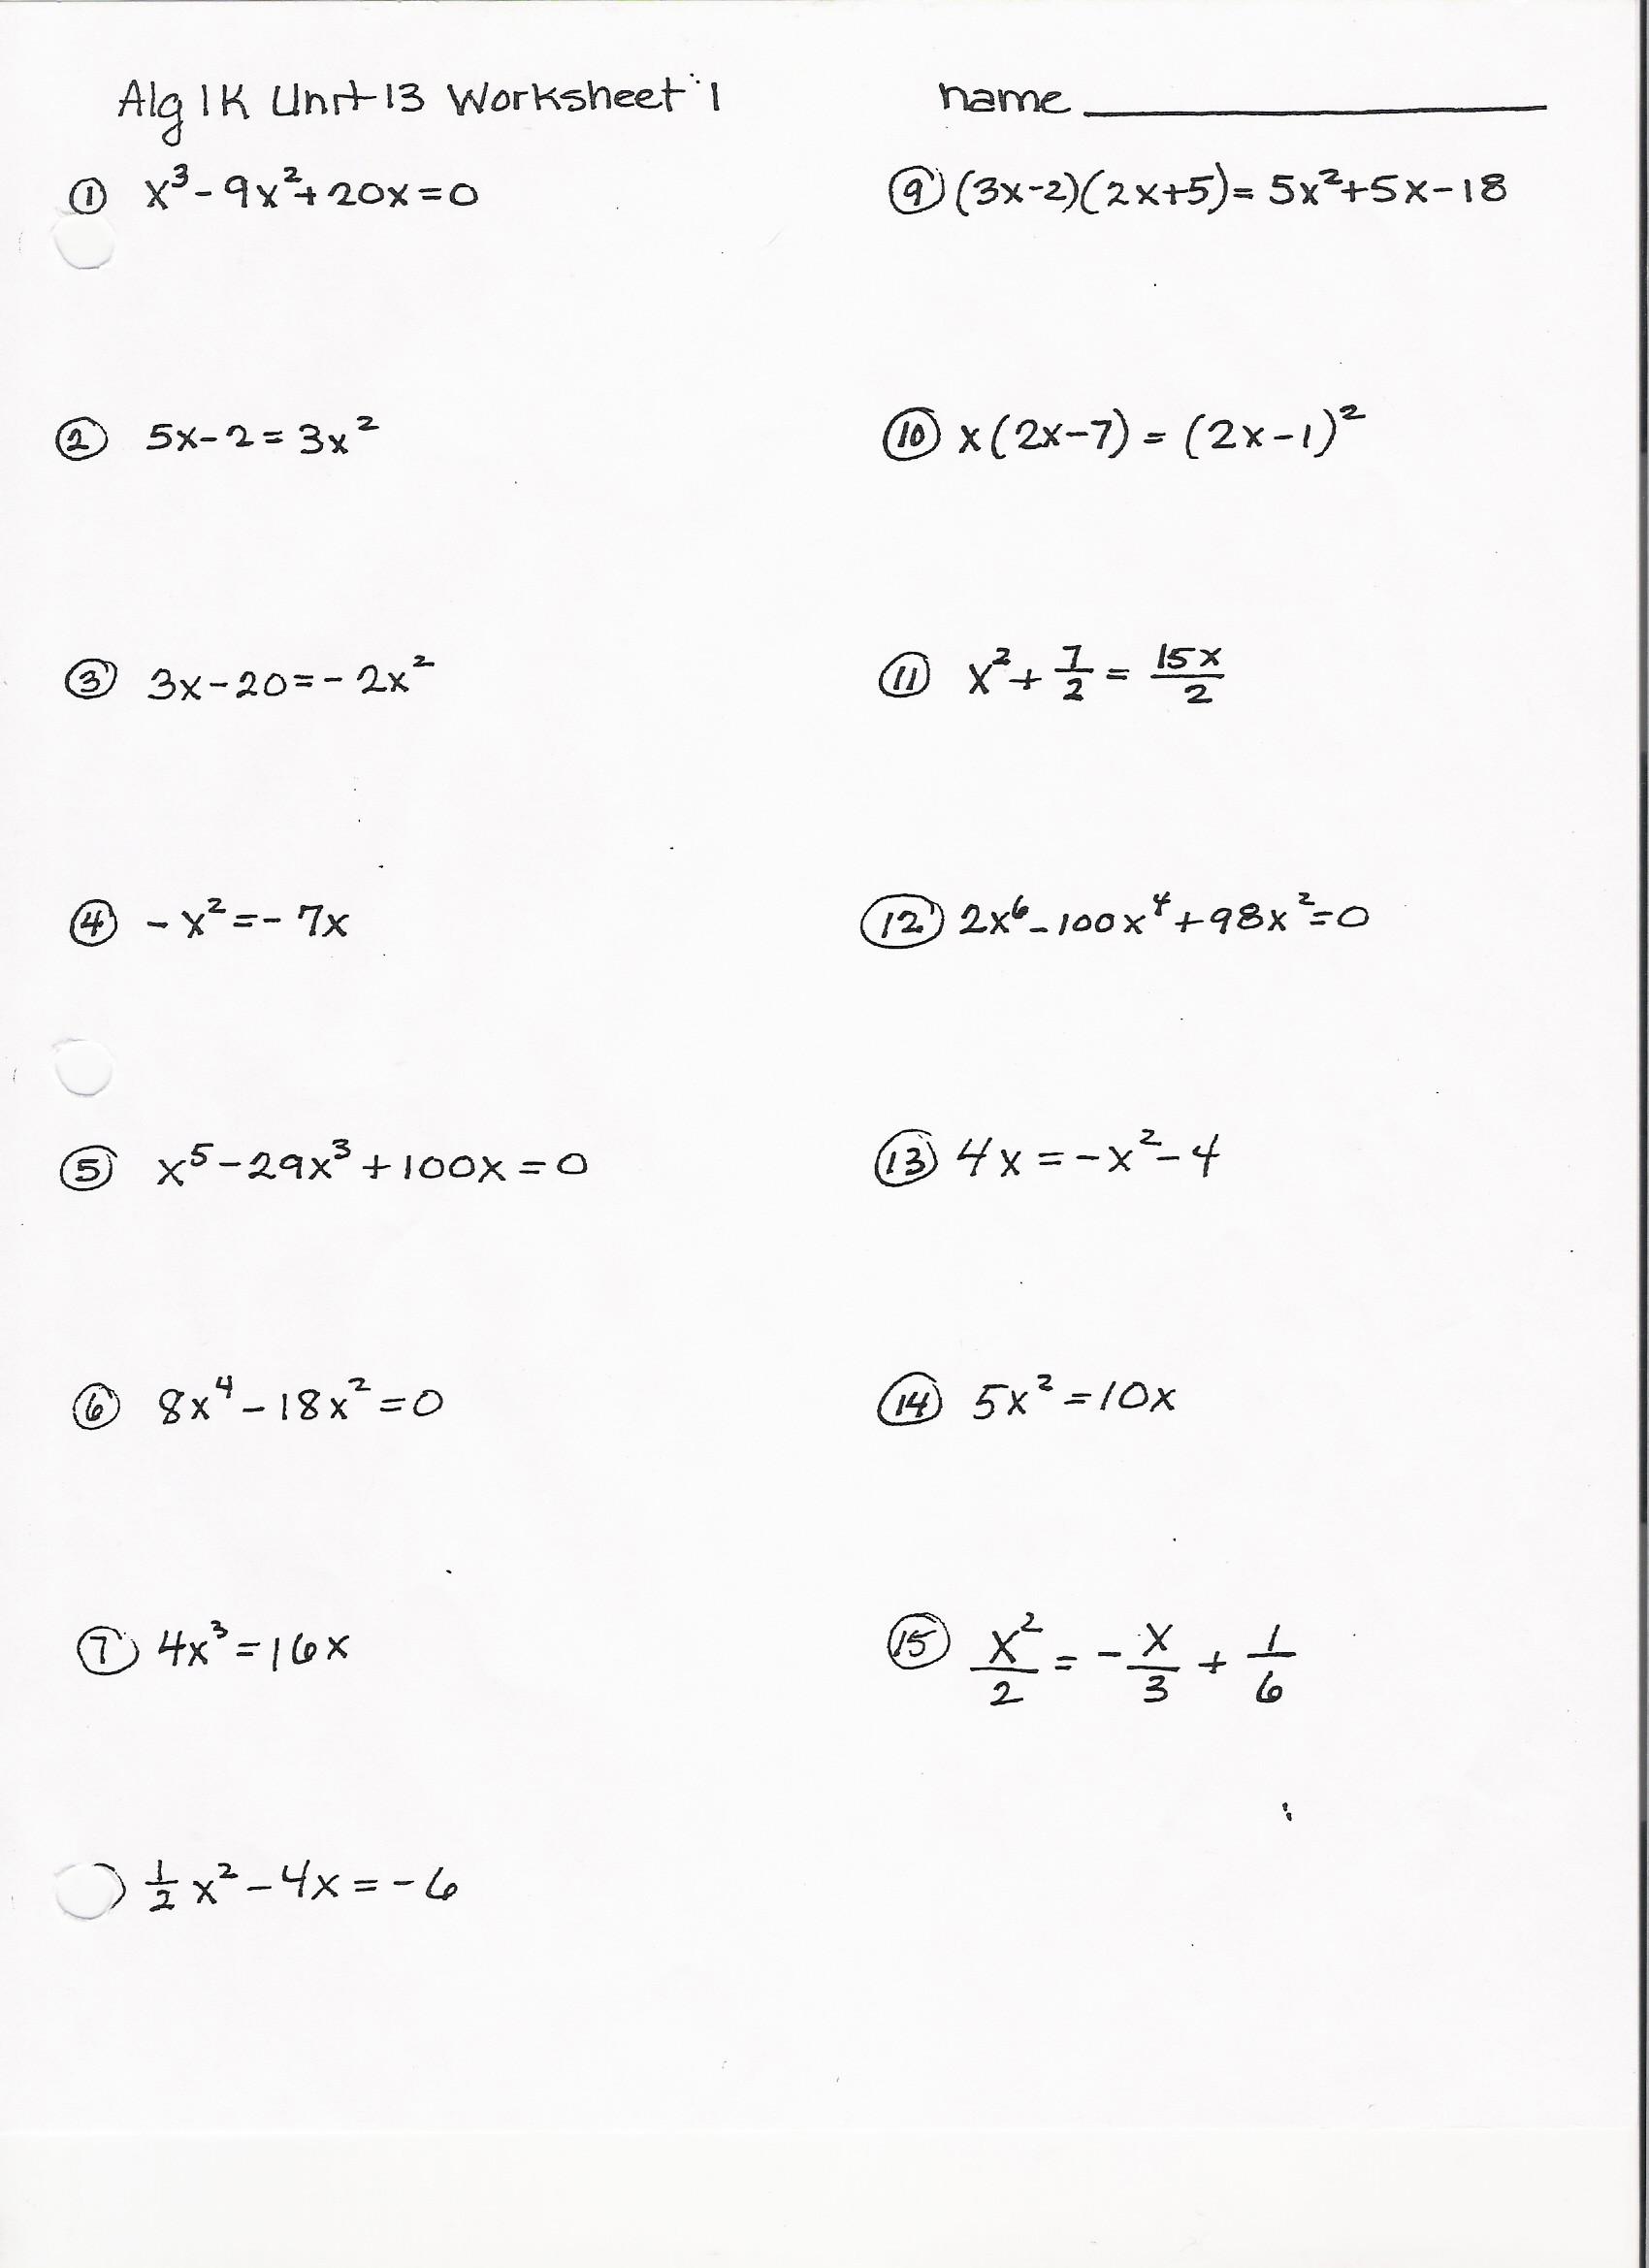 Algebra 1 Review Worksheet Worksheets Algebra More